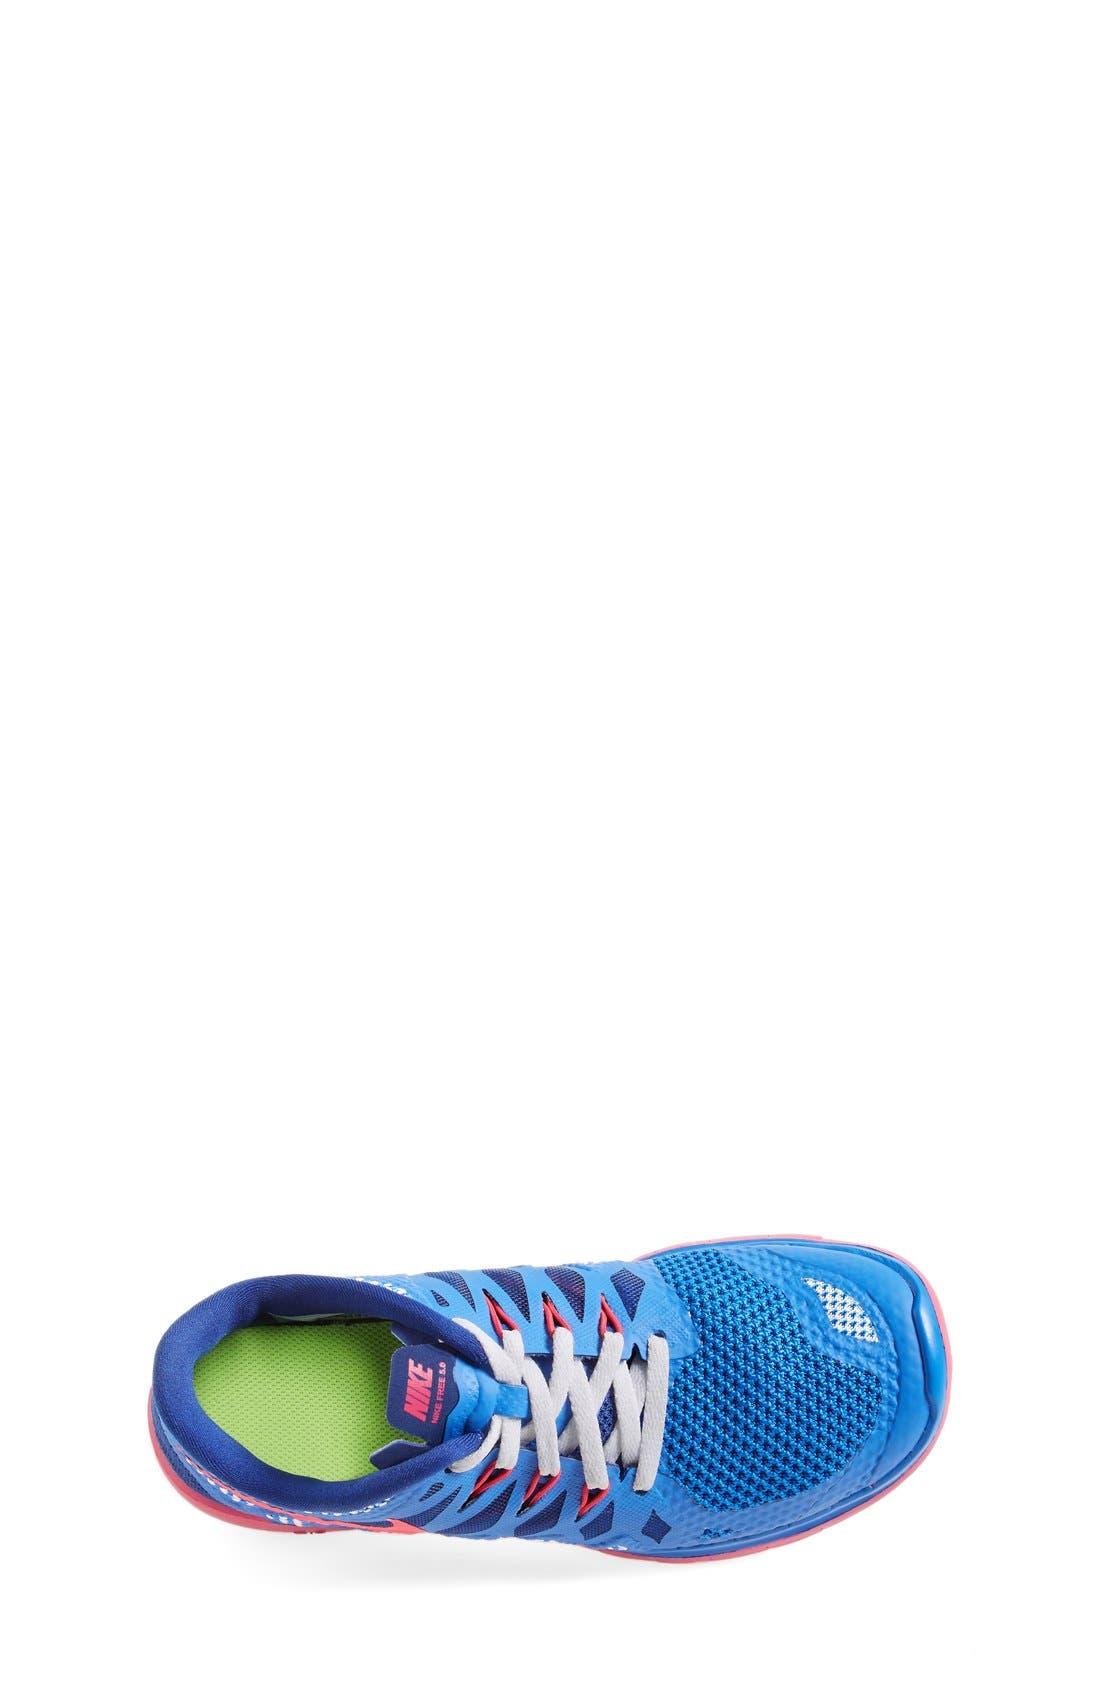 Alternate Image 3  - Nike 'Free 5.0' Running Shoe (Big Kid)